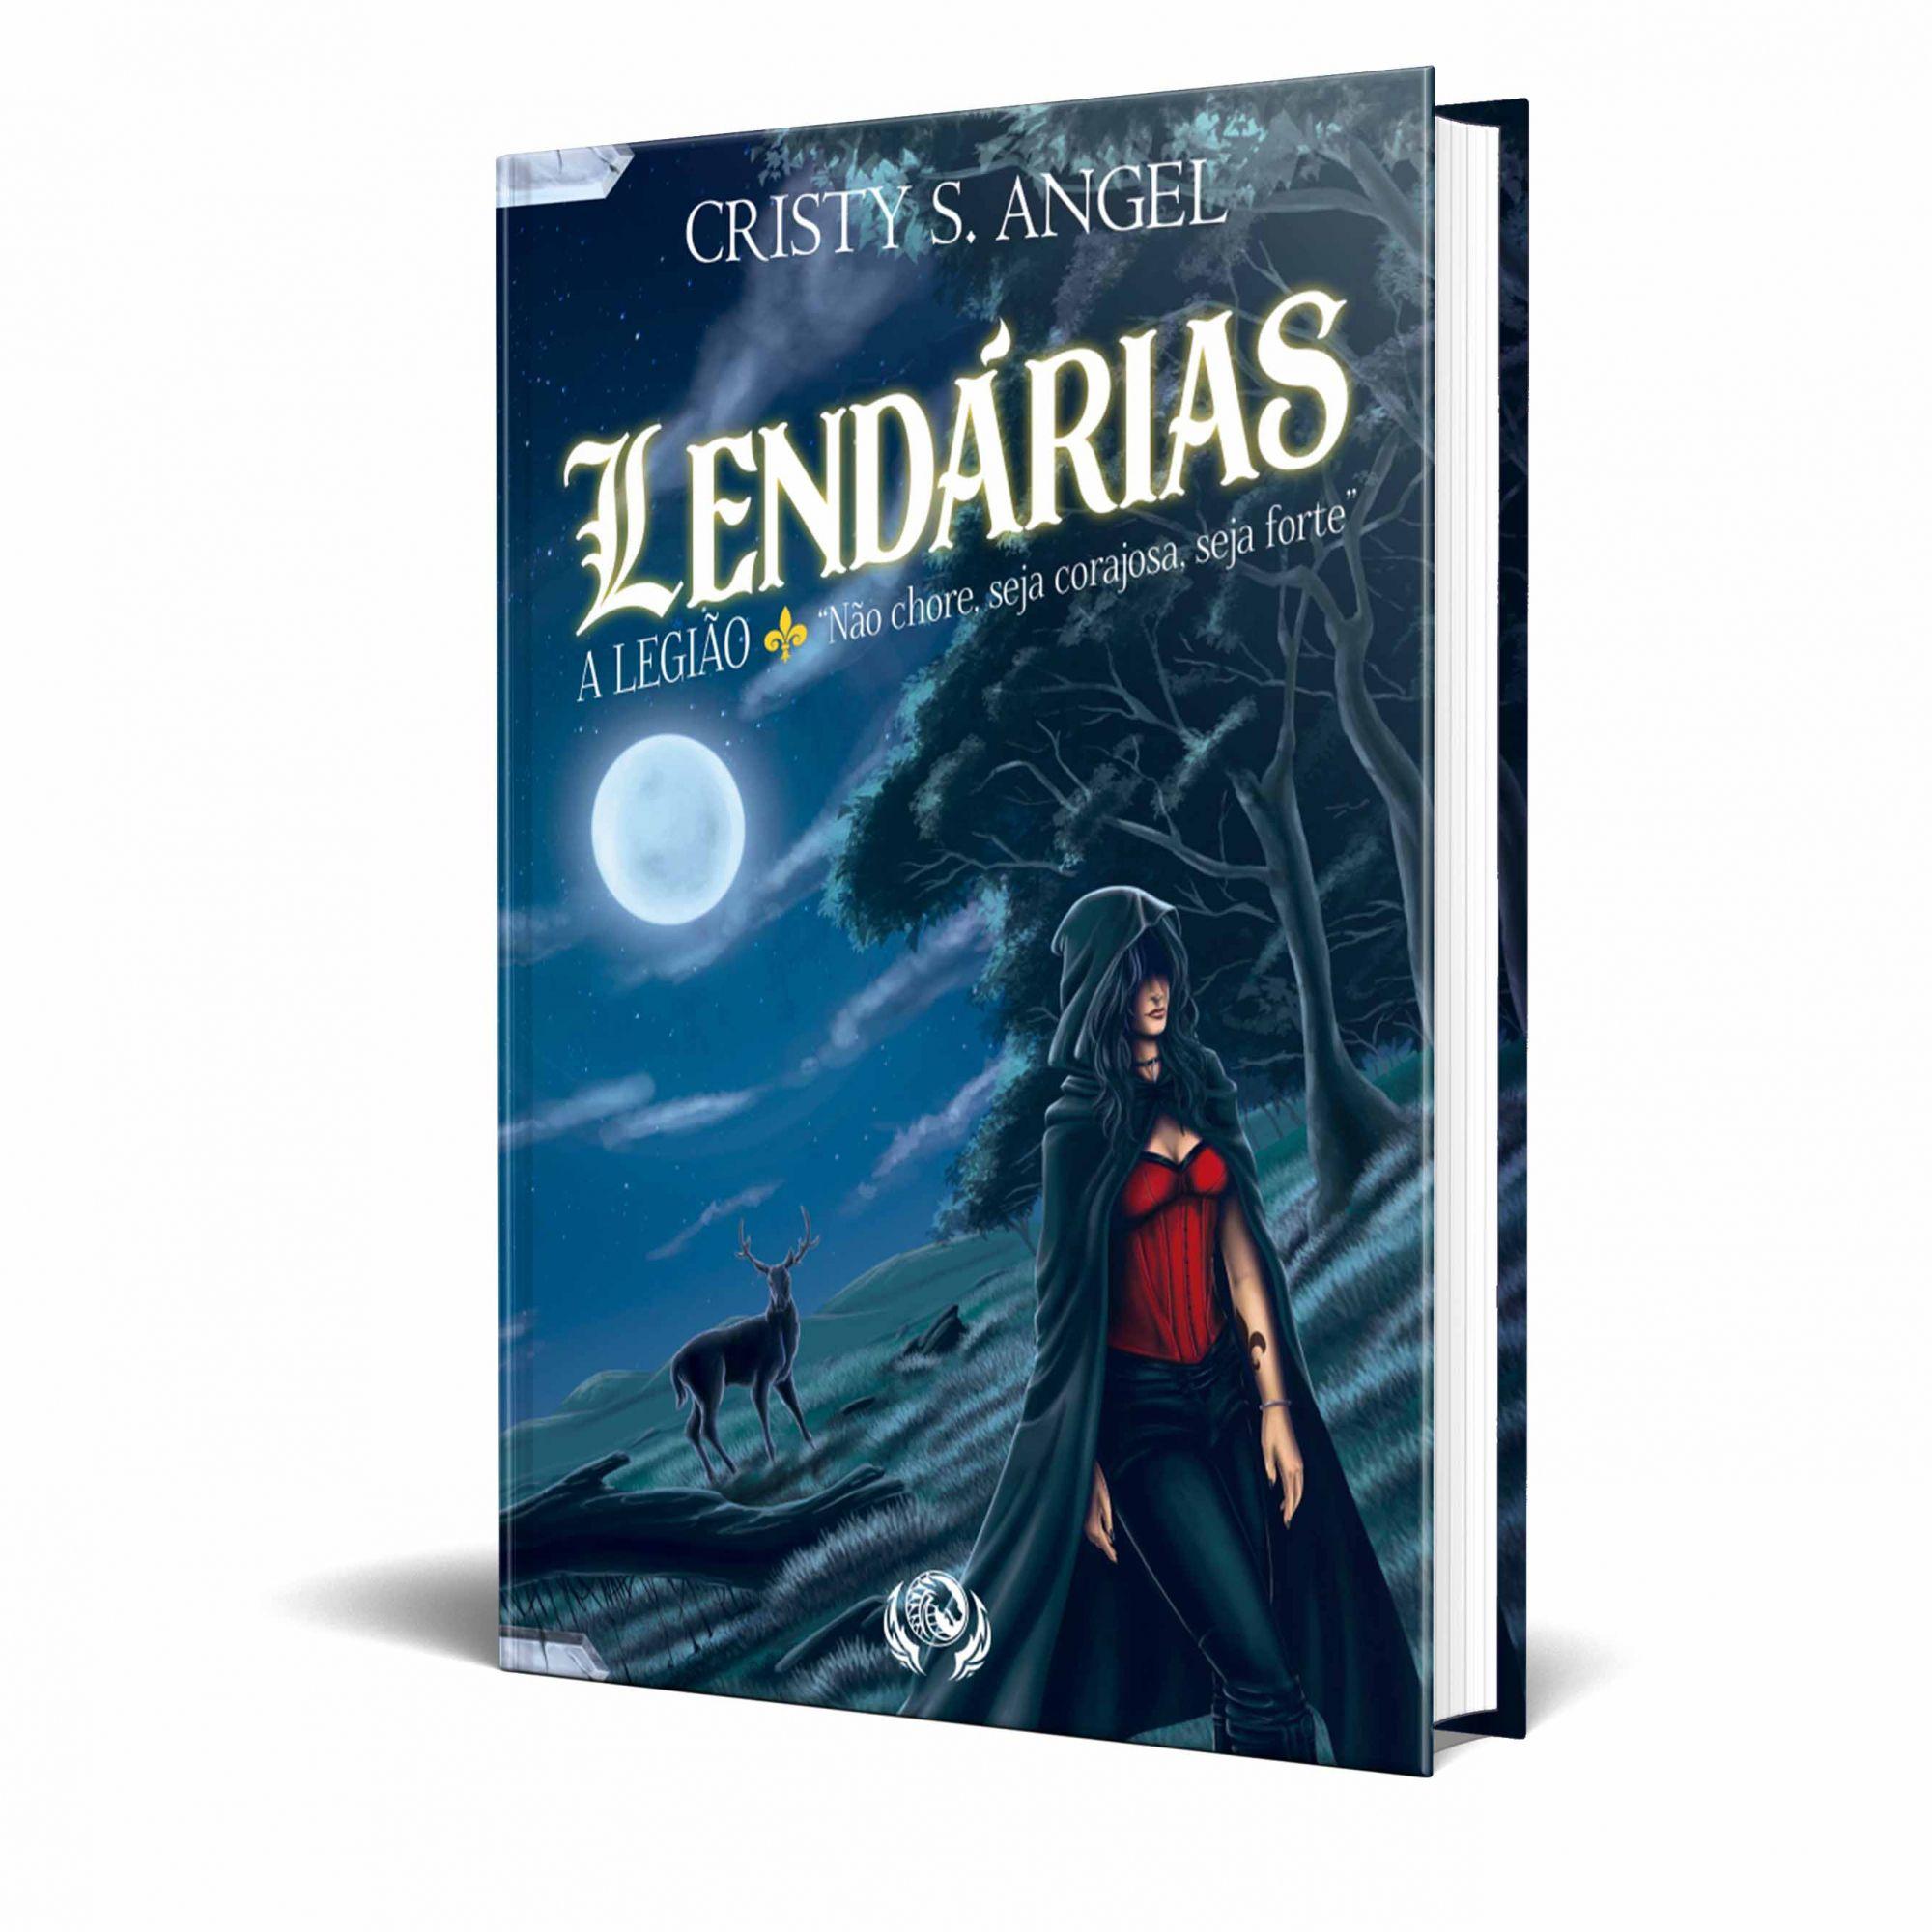 Livro Lendárias - A Legião 2Ed